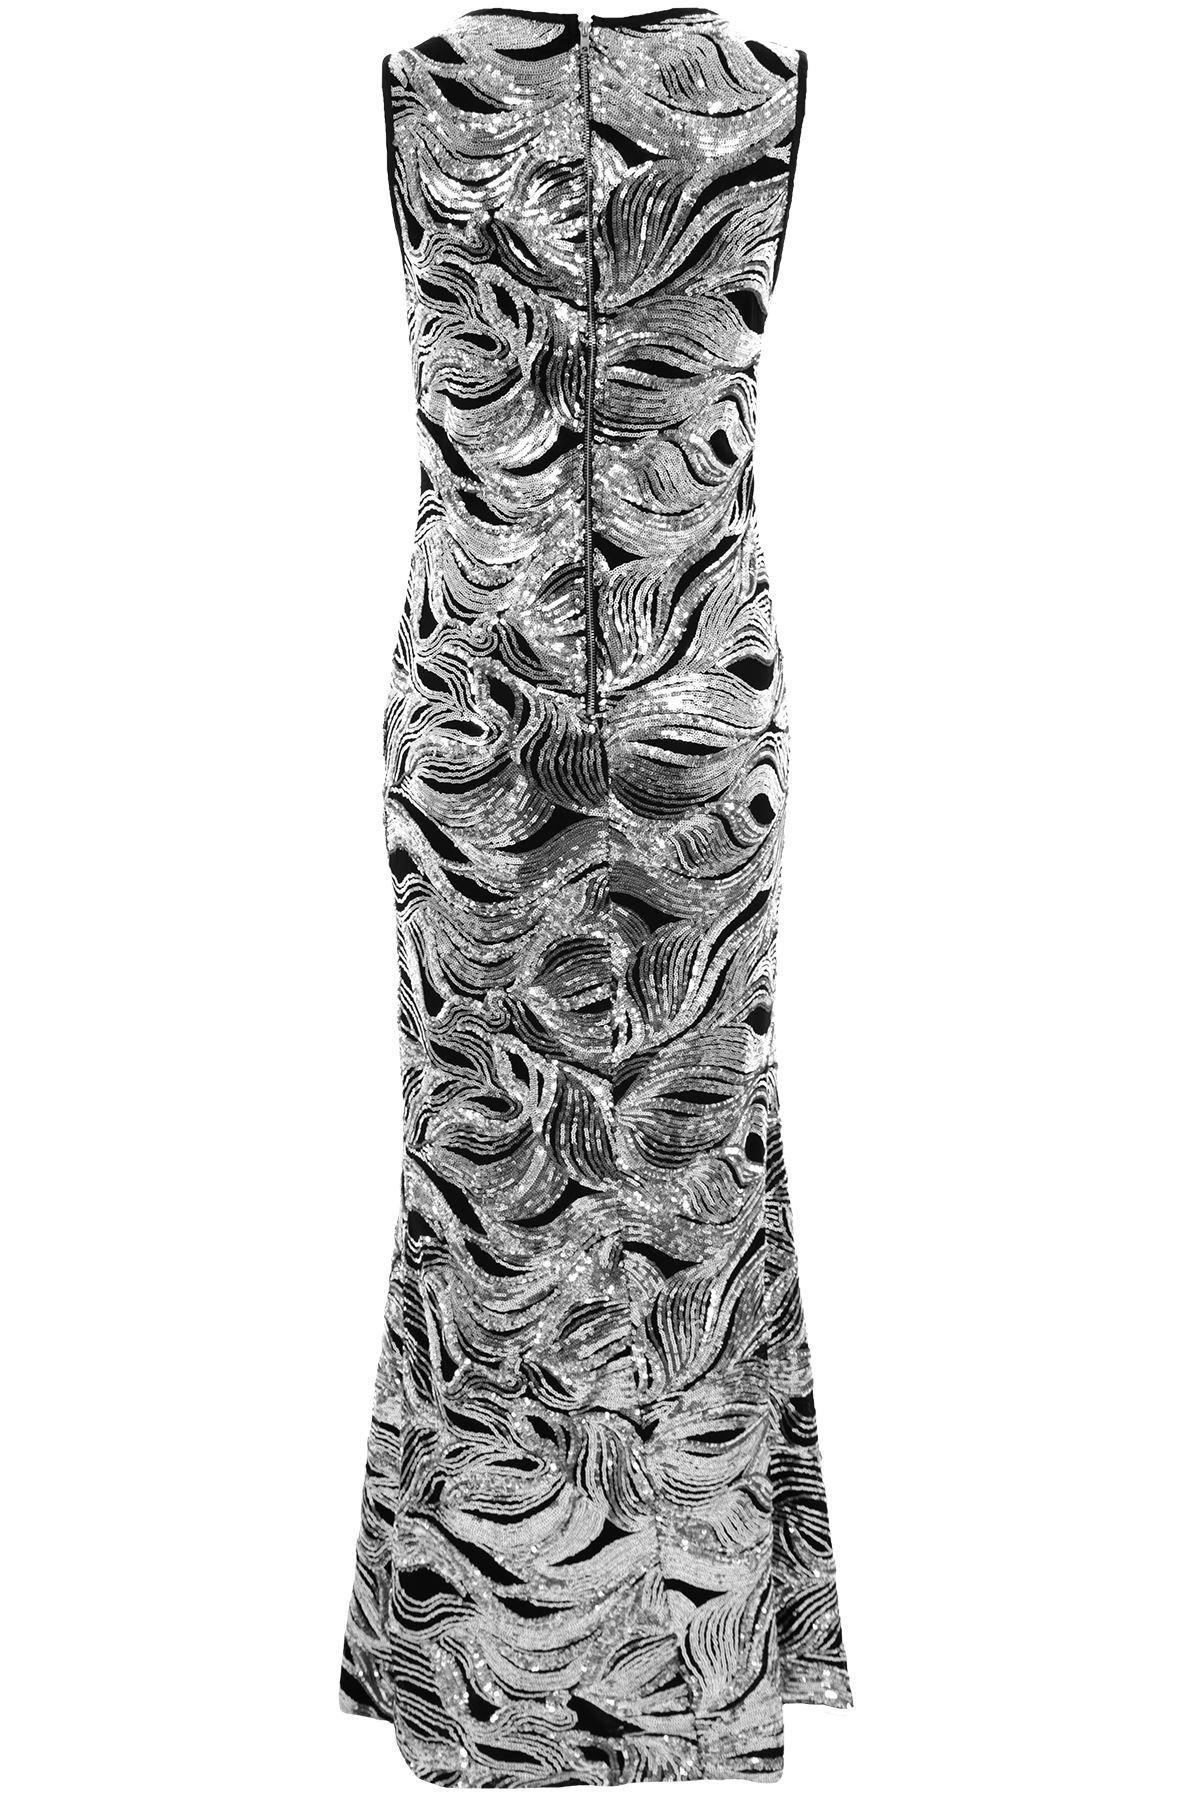 Damen Ärmellos Paillette Gefüttert Lang Bodycon Seitenschlitz Sexy Sexy Sexy Formelle   Verbraucher zuerst    New Product 2019    Bekannt für seine hervorragende Qualität  1ec5b4